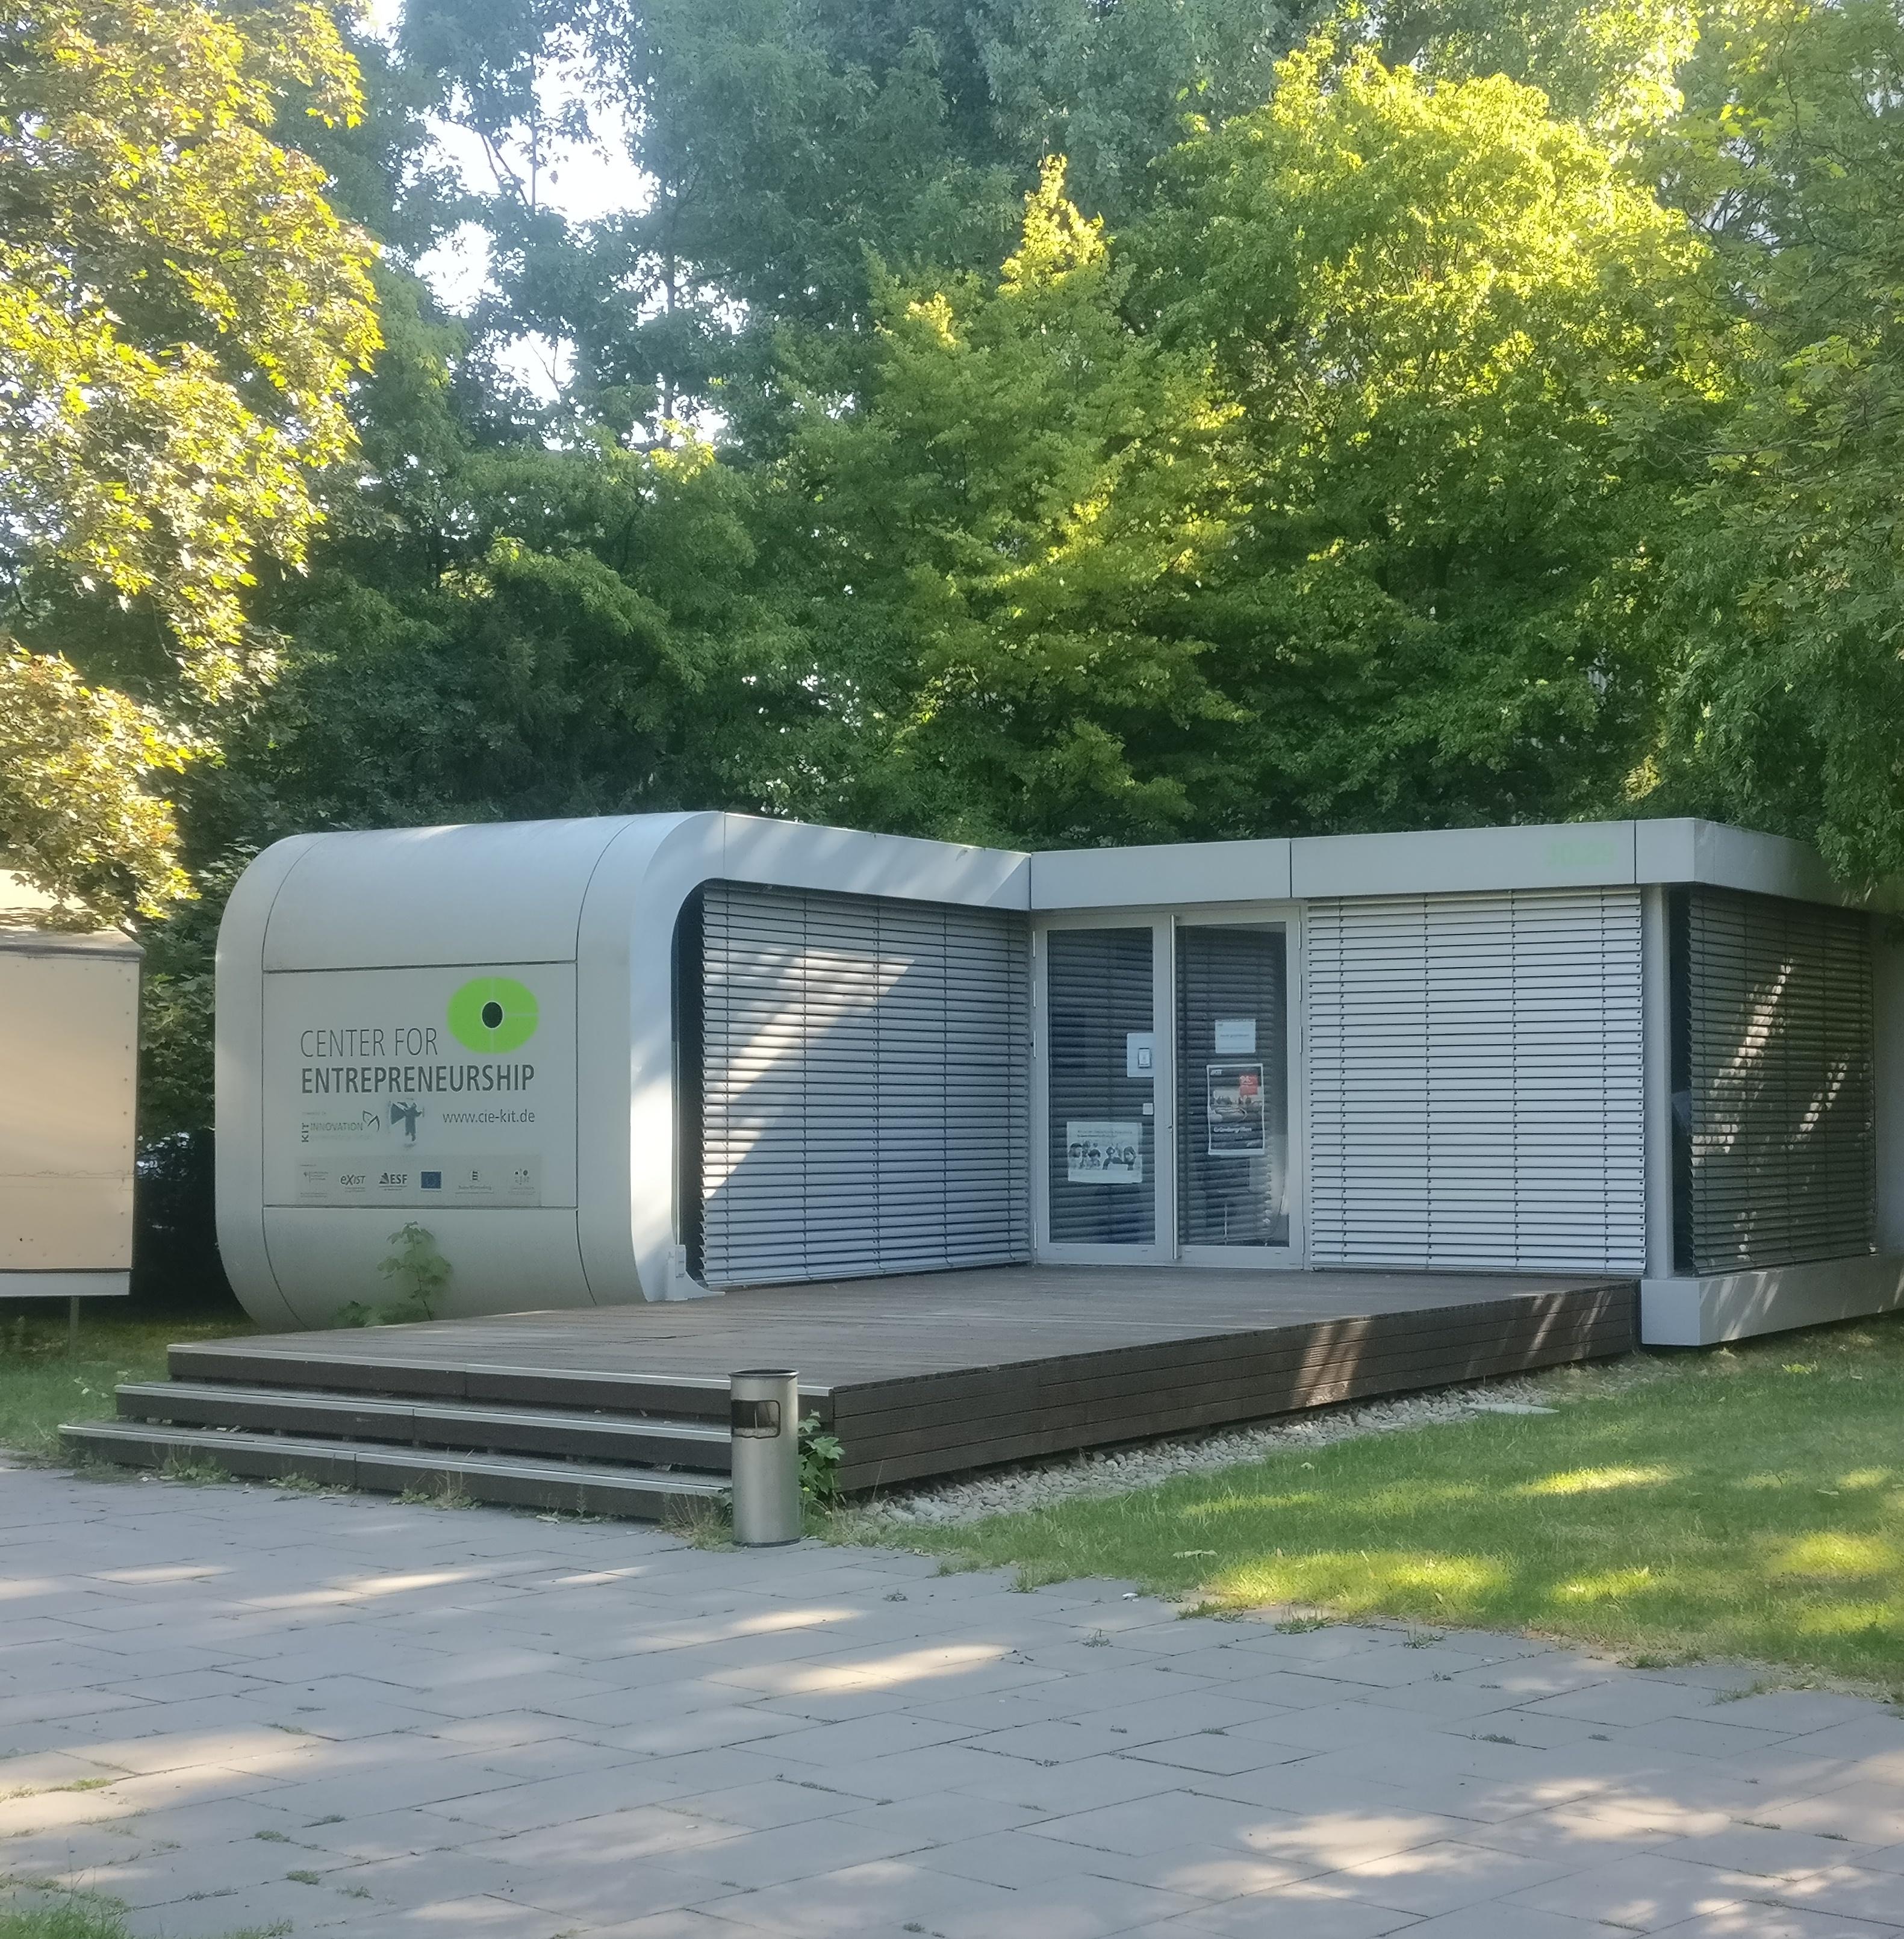 Container der Gründerschmiede auf dem Campusgelände